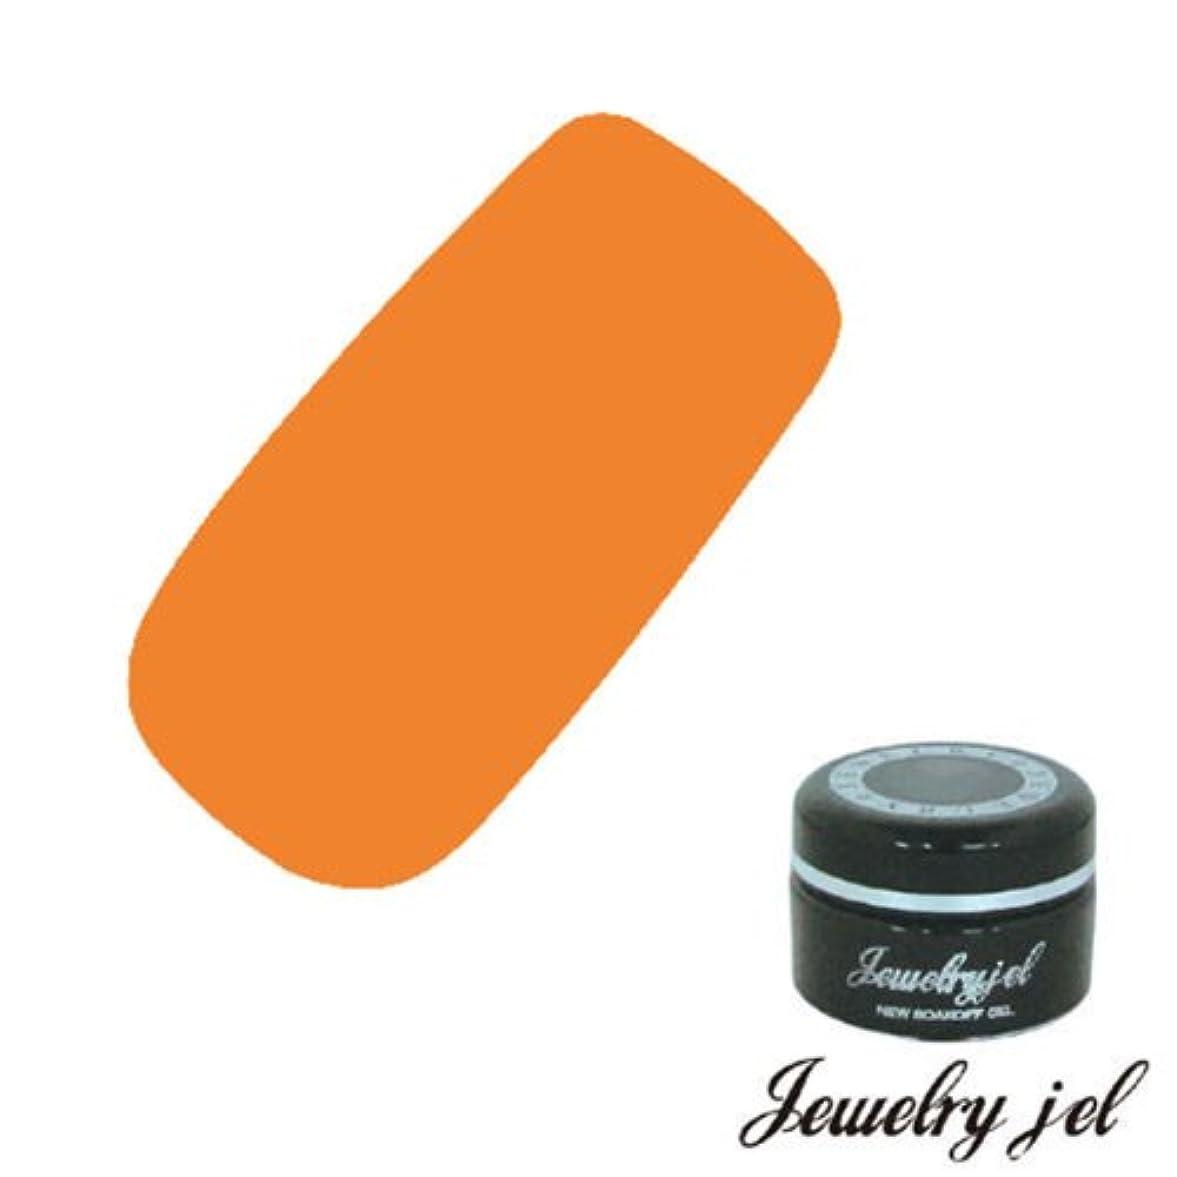 補助金歌カラスジュエリージェル ジェルネイル カラージェル NE103 8g ネオンオレンジ マット UV/LED対応  ソークオフジェル ネオンカラー ネオンオレンジ